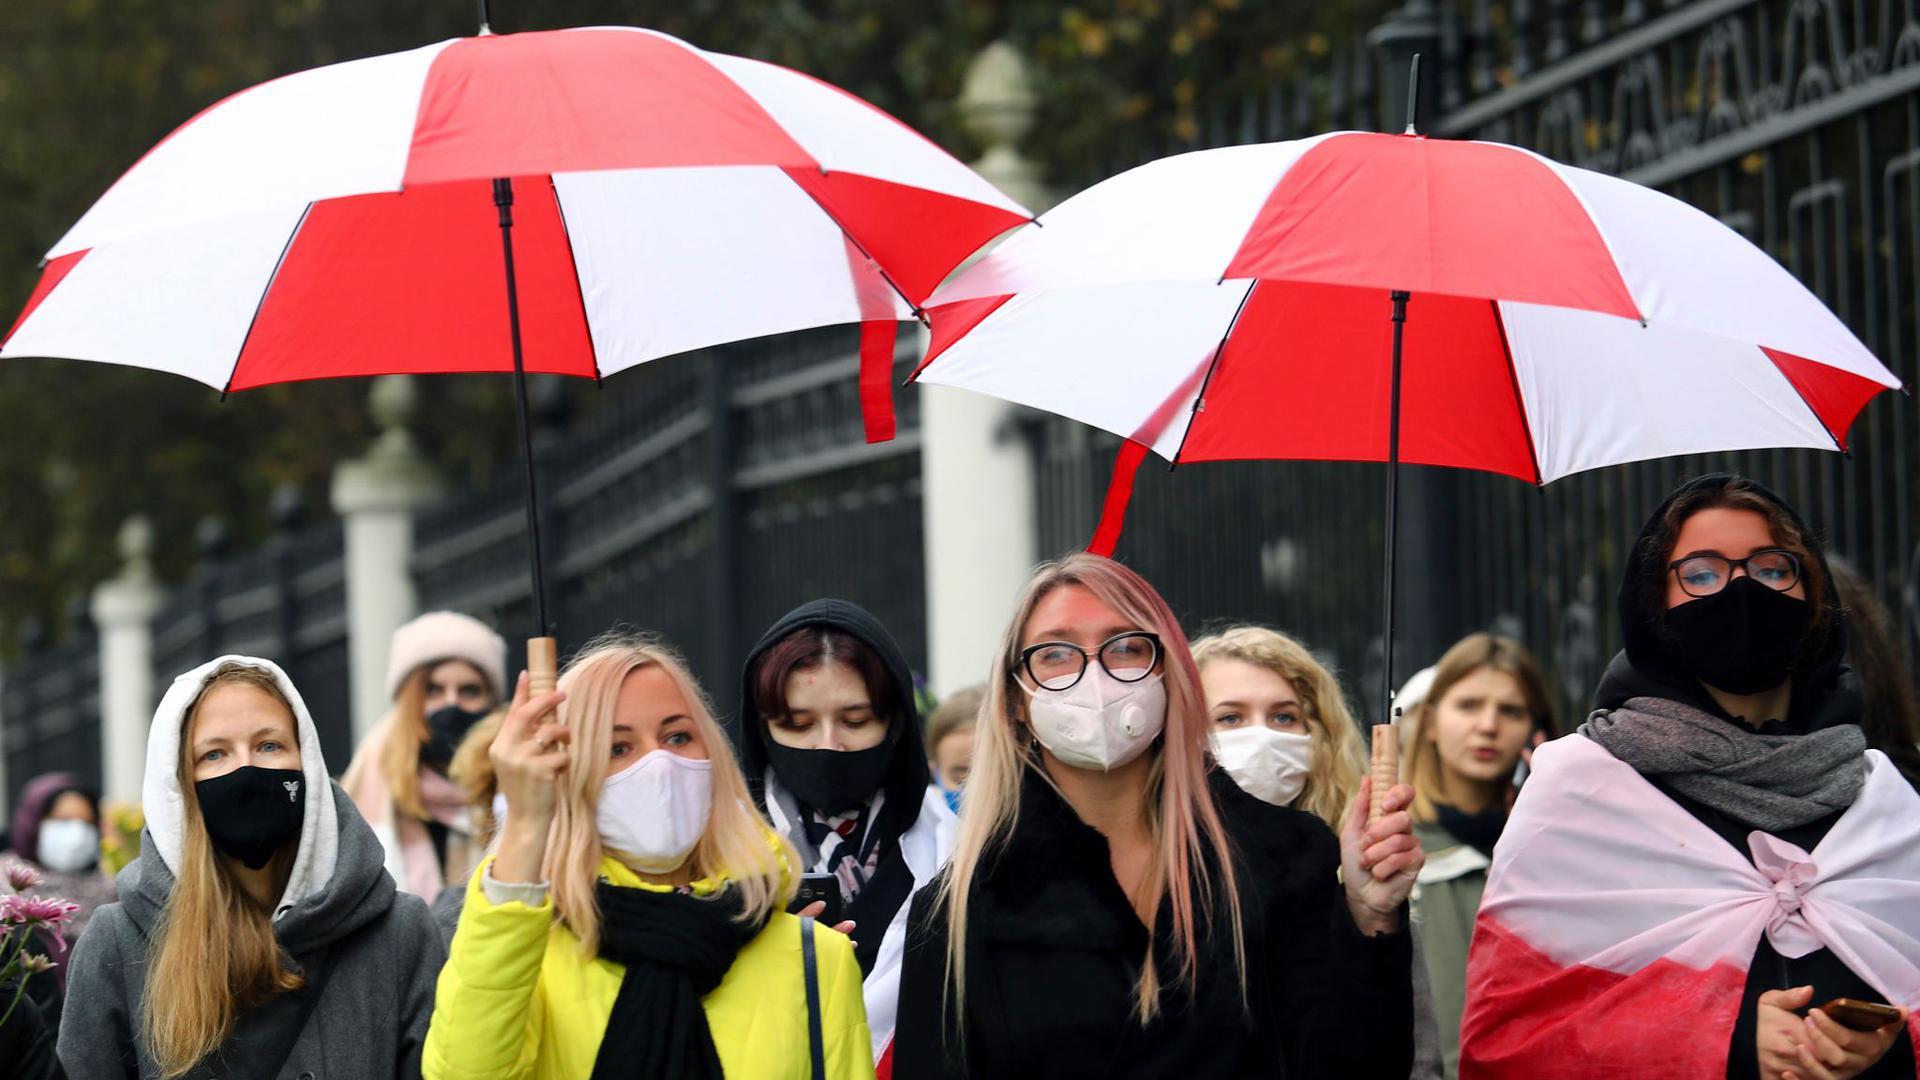 Frauen demonstrieren am Samstag mit Regenschirmen in den Farben der historischen Nationalflagge von Belarus in Minsk.